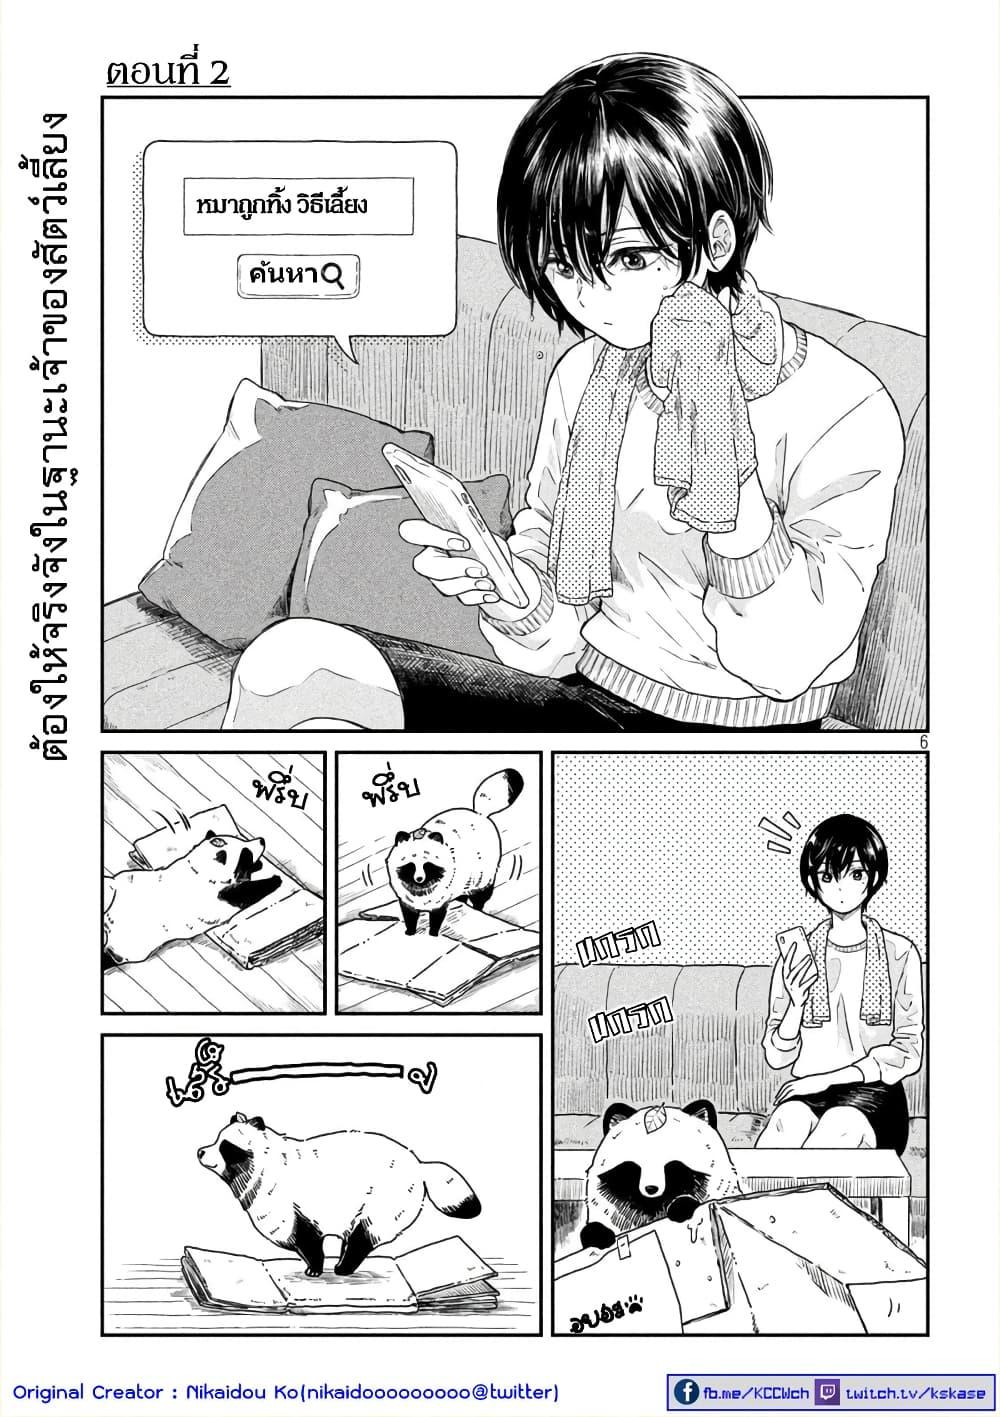 อ่านการ์ตูน Ame to Kimi to ตอนที่ 2 หน้าที่ 1